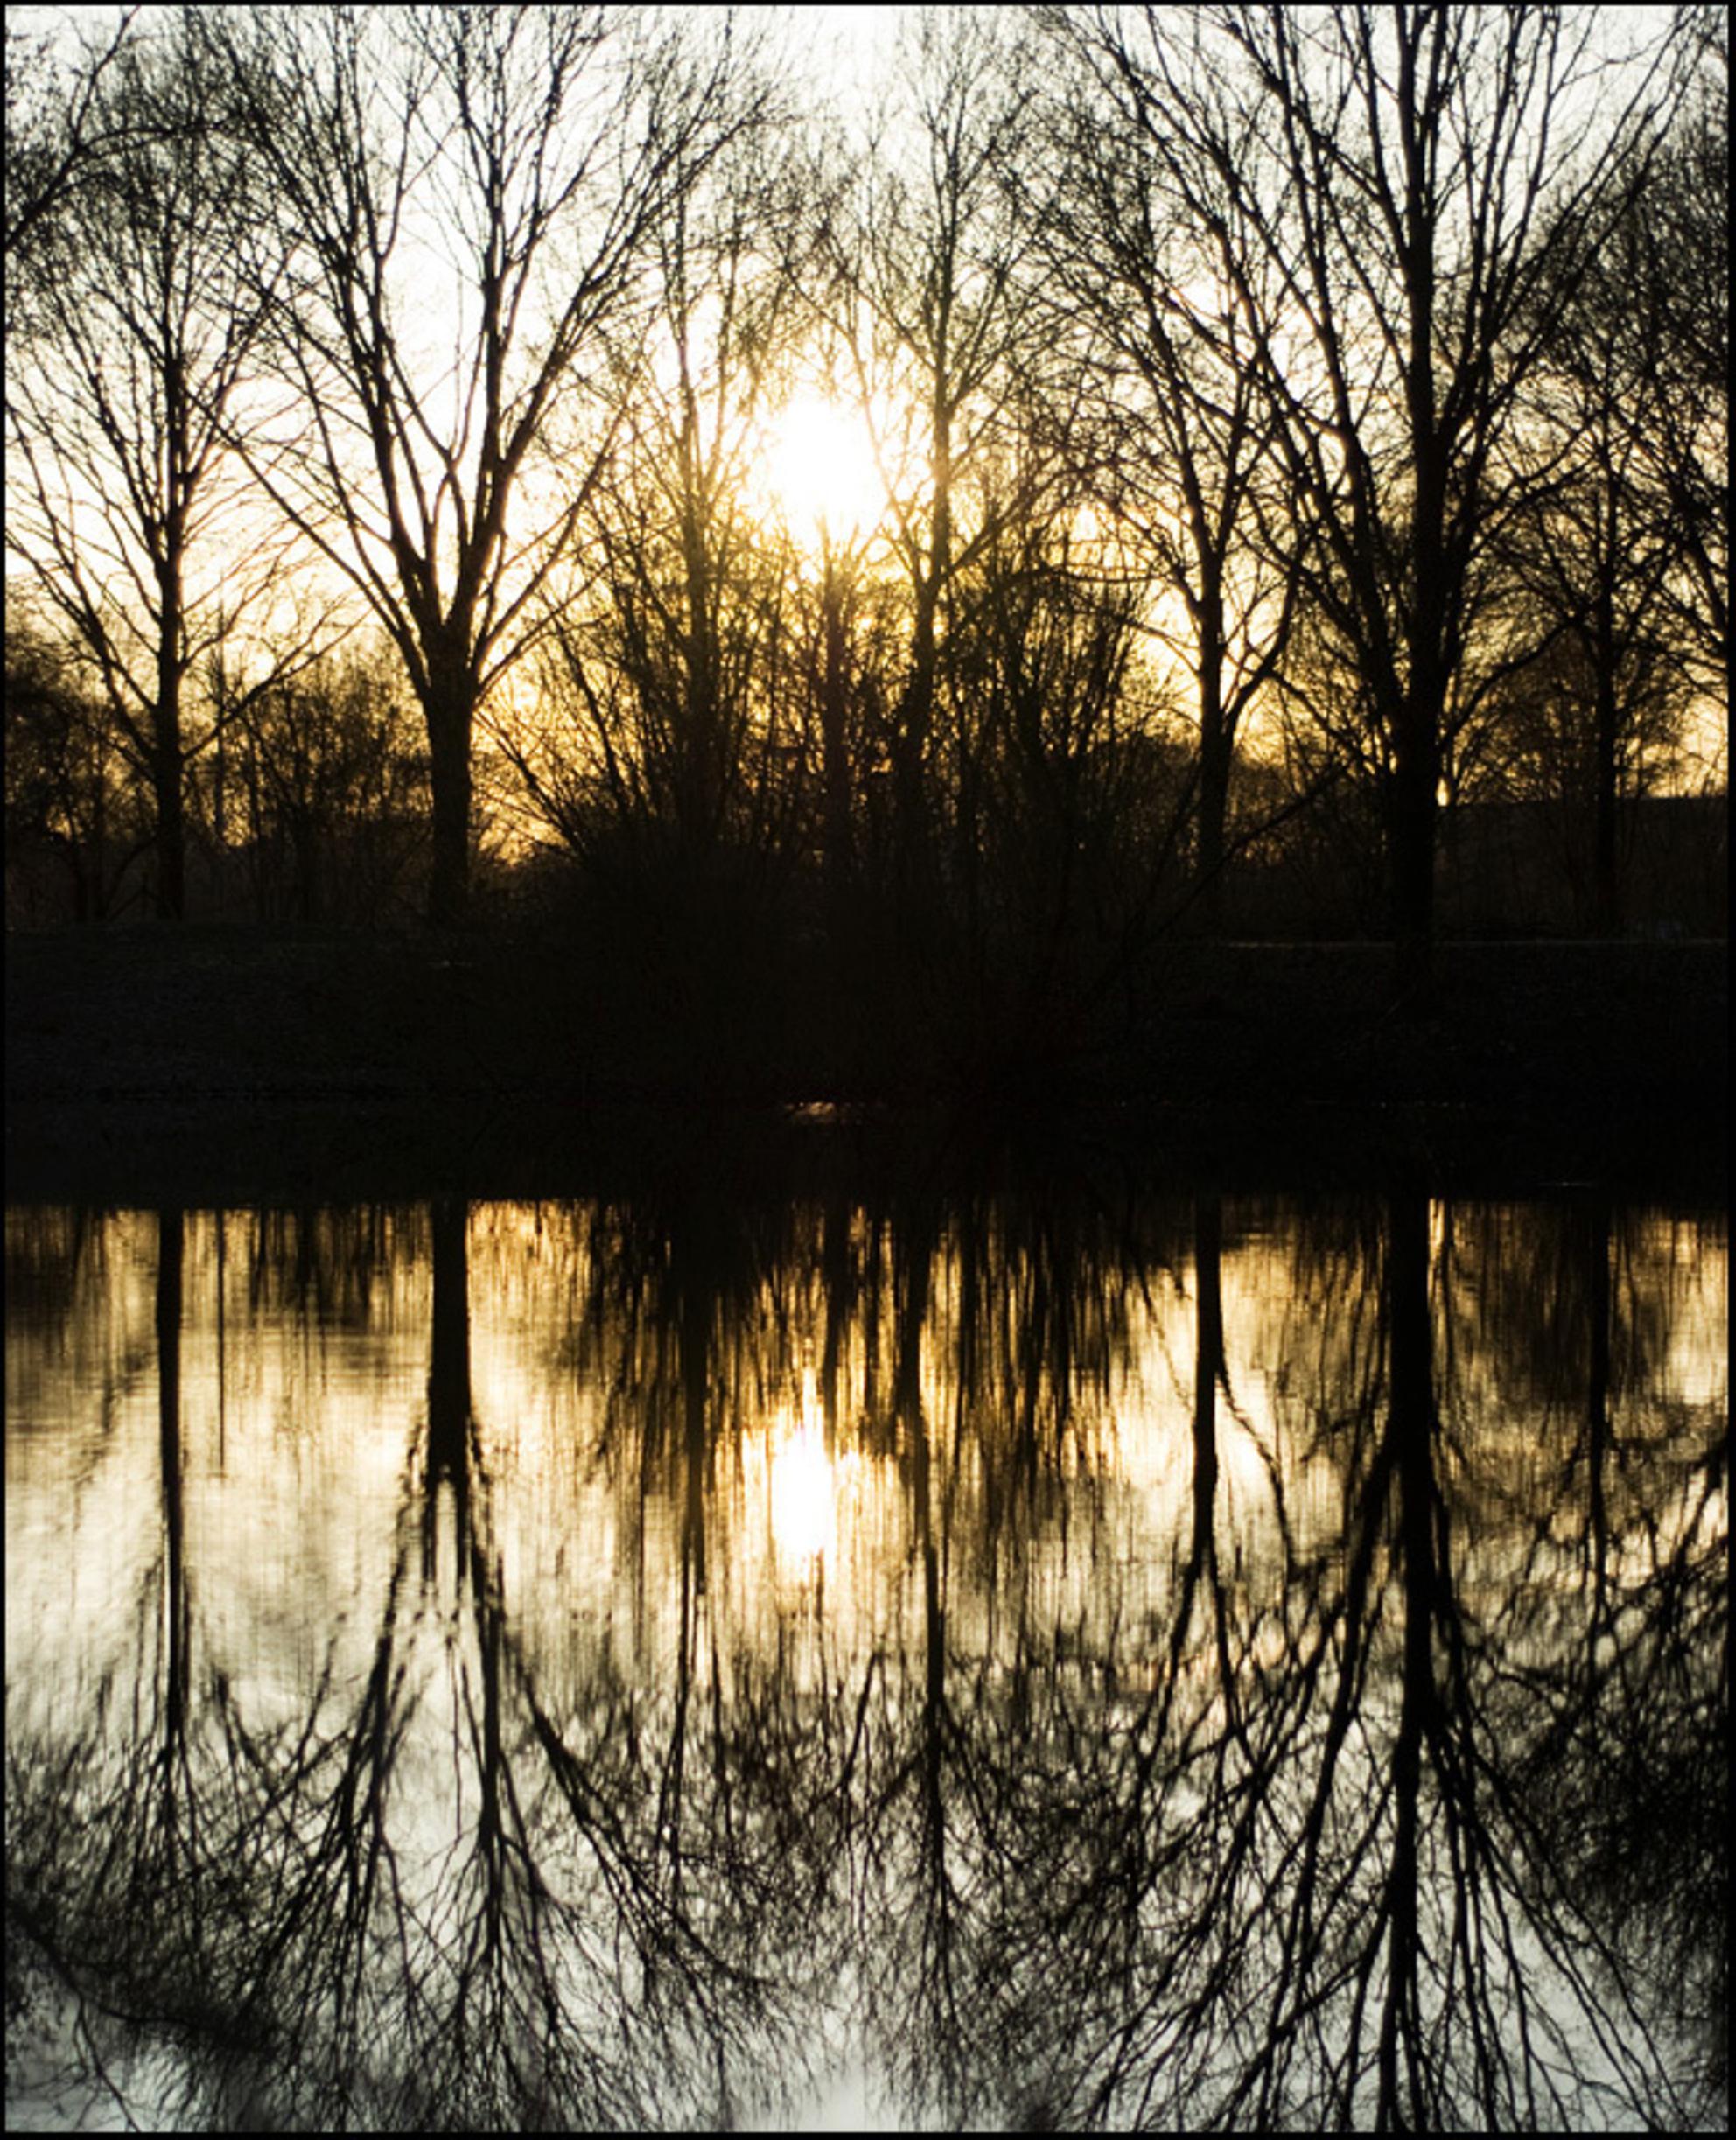 Zonsondergang - - - foto door annemariekol op 21-03-2009 - deze foto bevat: zon, natuur, avond, zonsondergang, reflectie, avondlicht, bomen, weerspiegeling - Deze foto mag gebruikt worden in een Zoom.nl publicatie